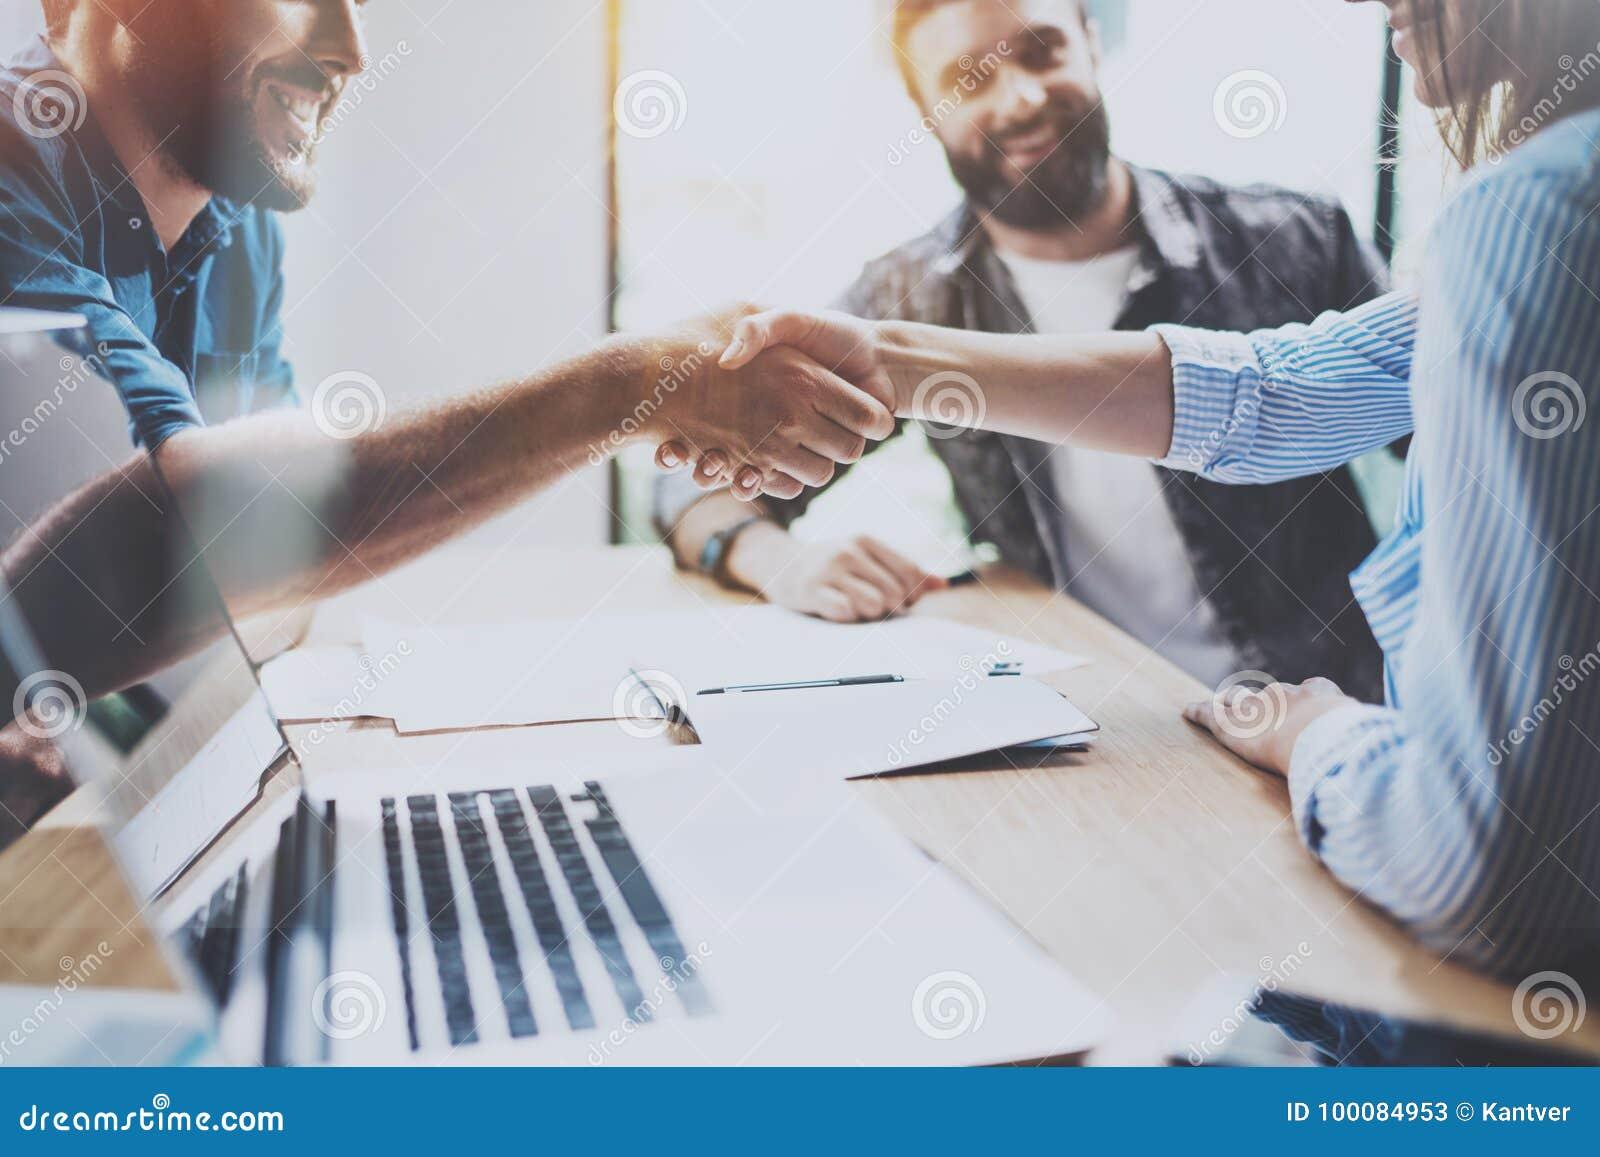 Concept de poignée de main d association d affaires Processus de poignée de main de collègues de photo Affaire réussie après la g